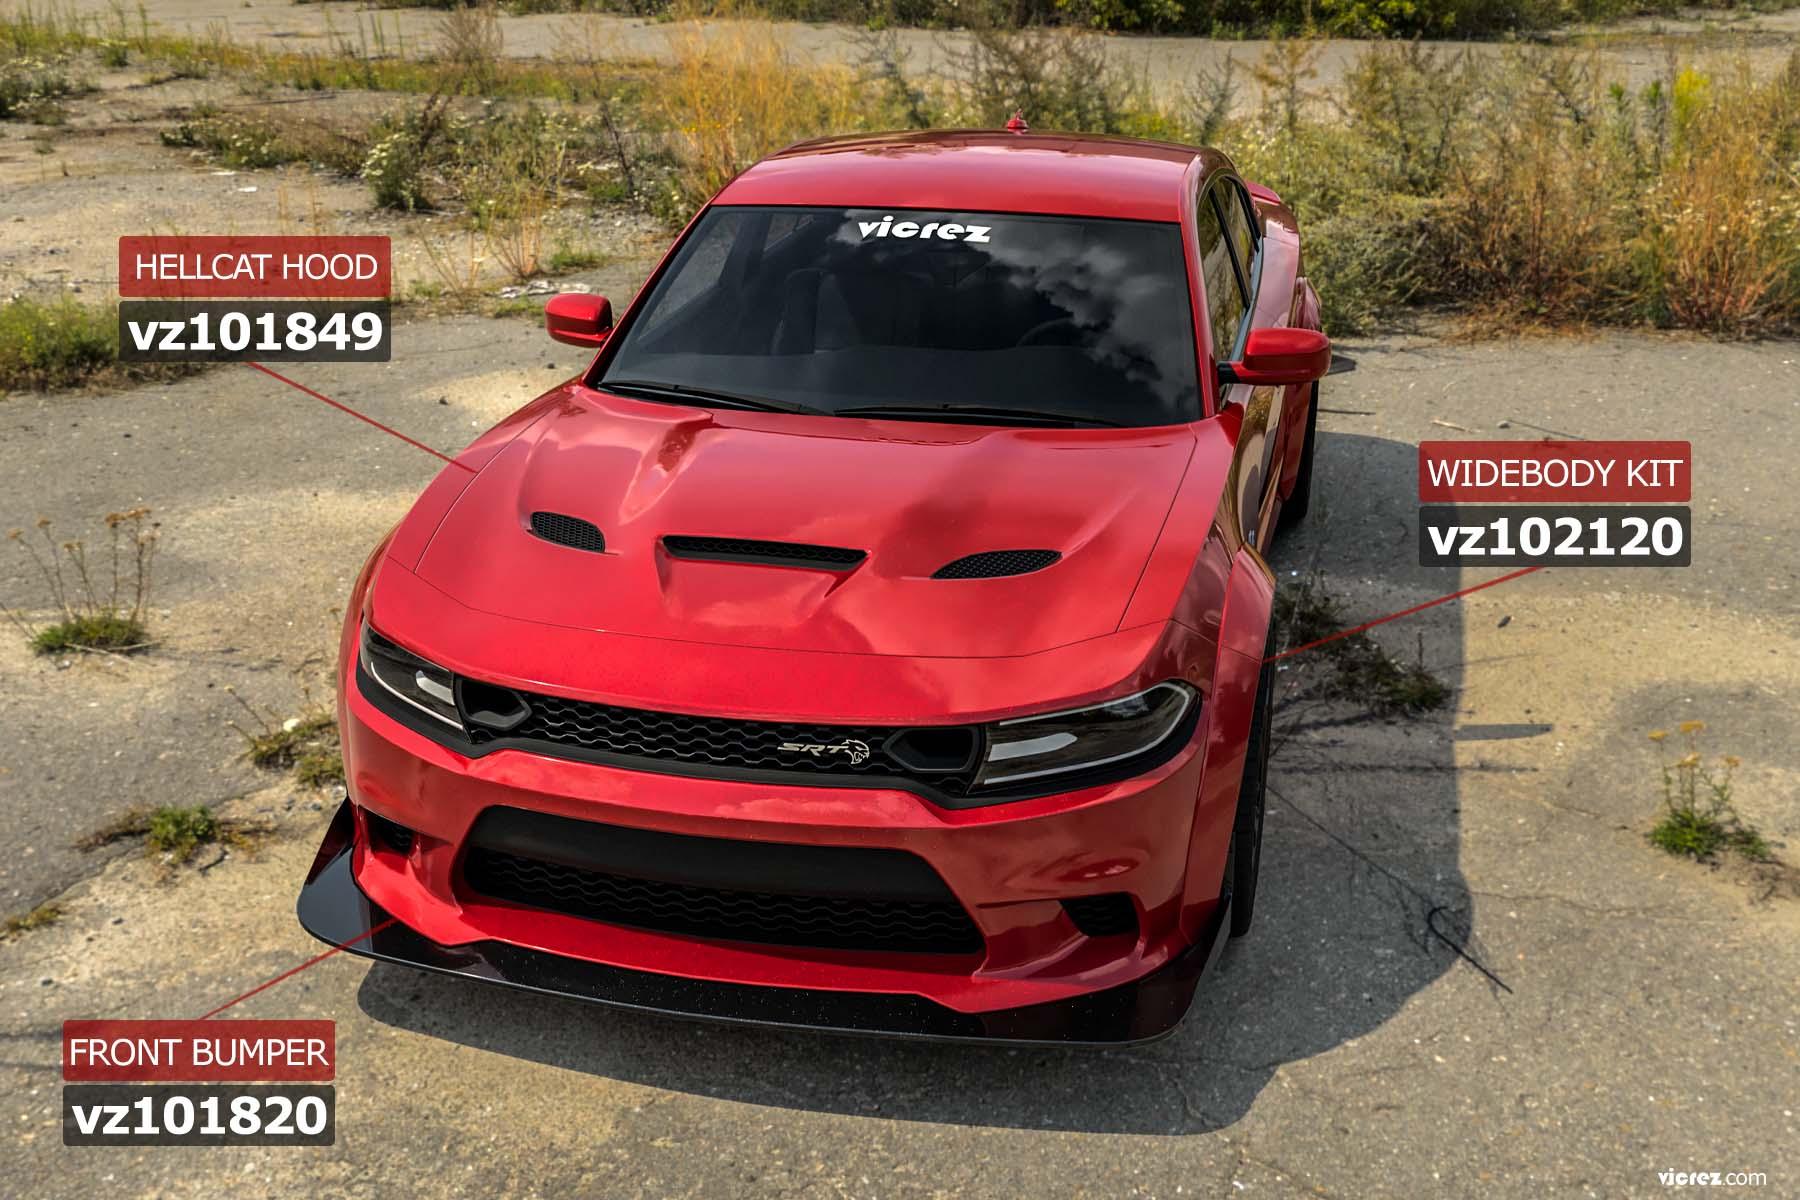 Vicrez Demon Wide Body Fender Flares Kit vz102120 | Dodge Charger 2015-2020